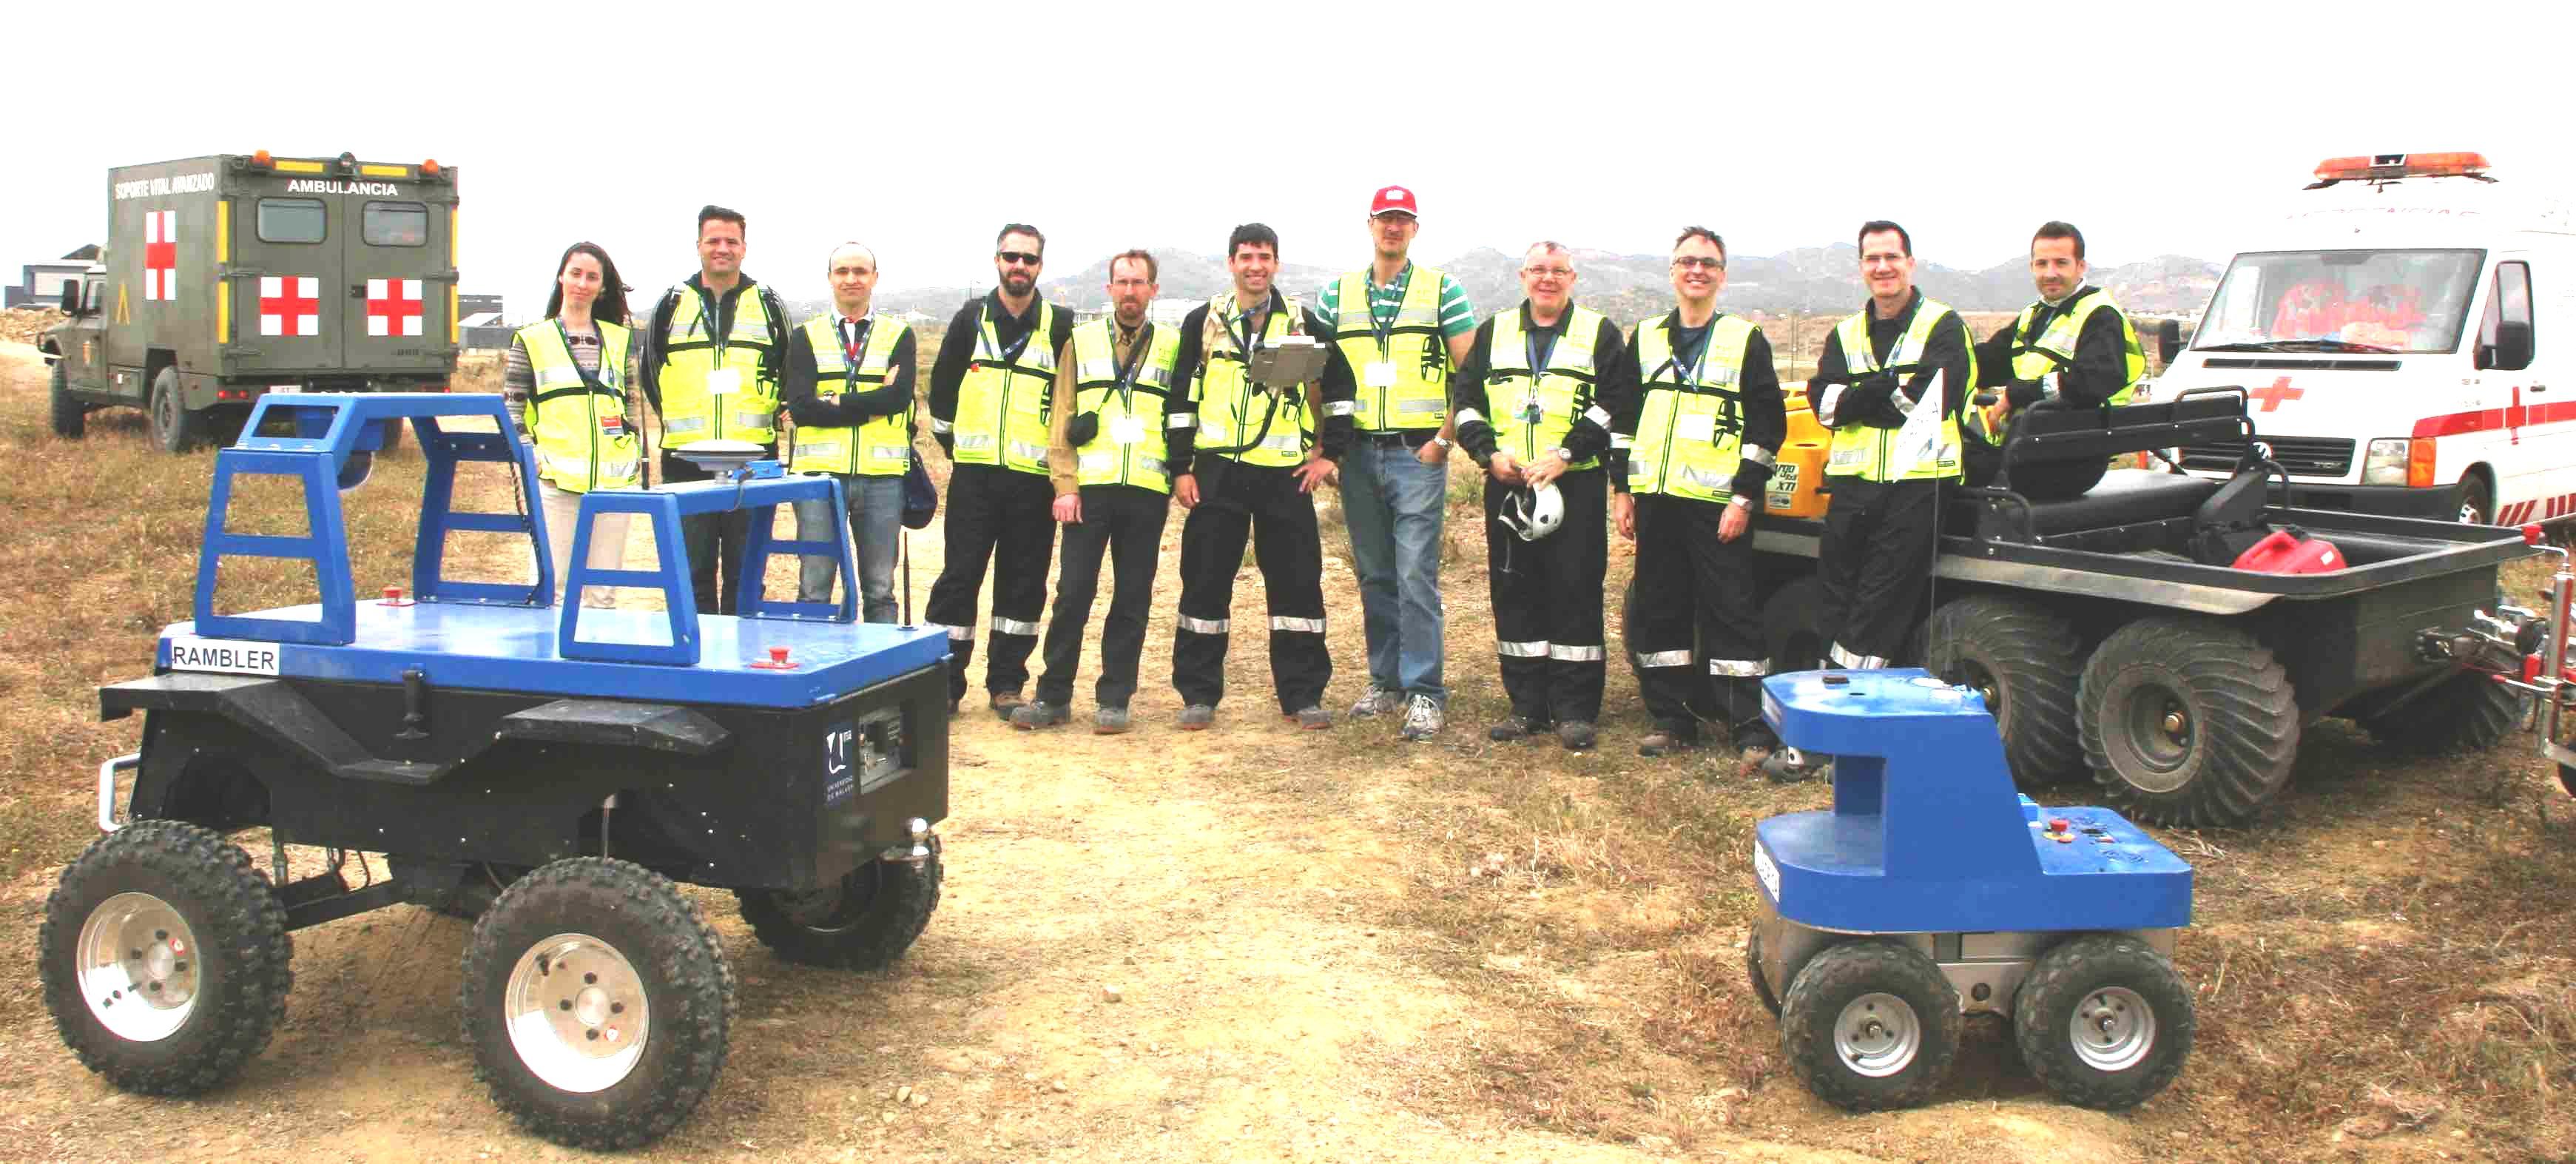 UMA Robotics and Mechatronics Team